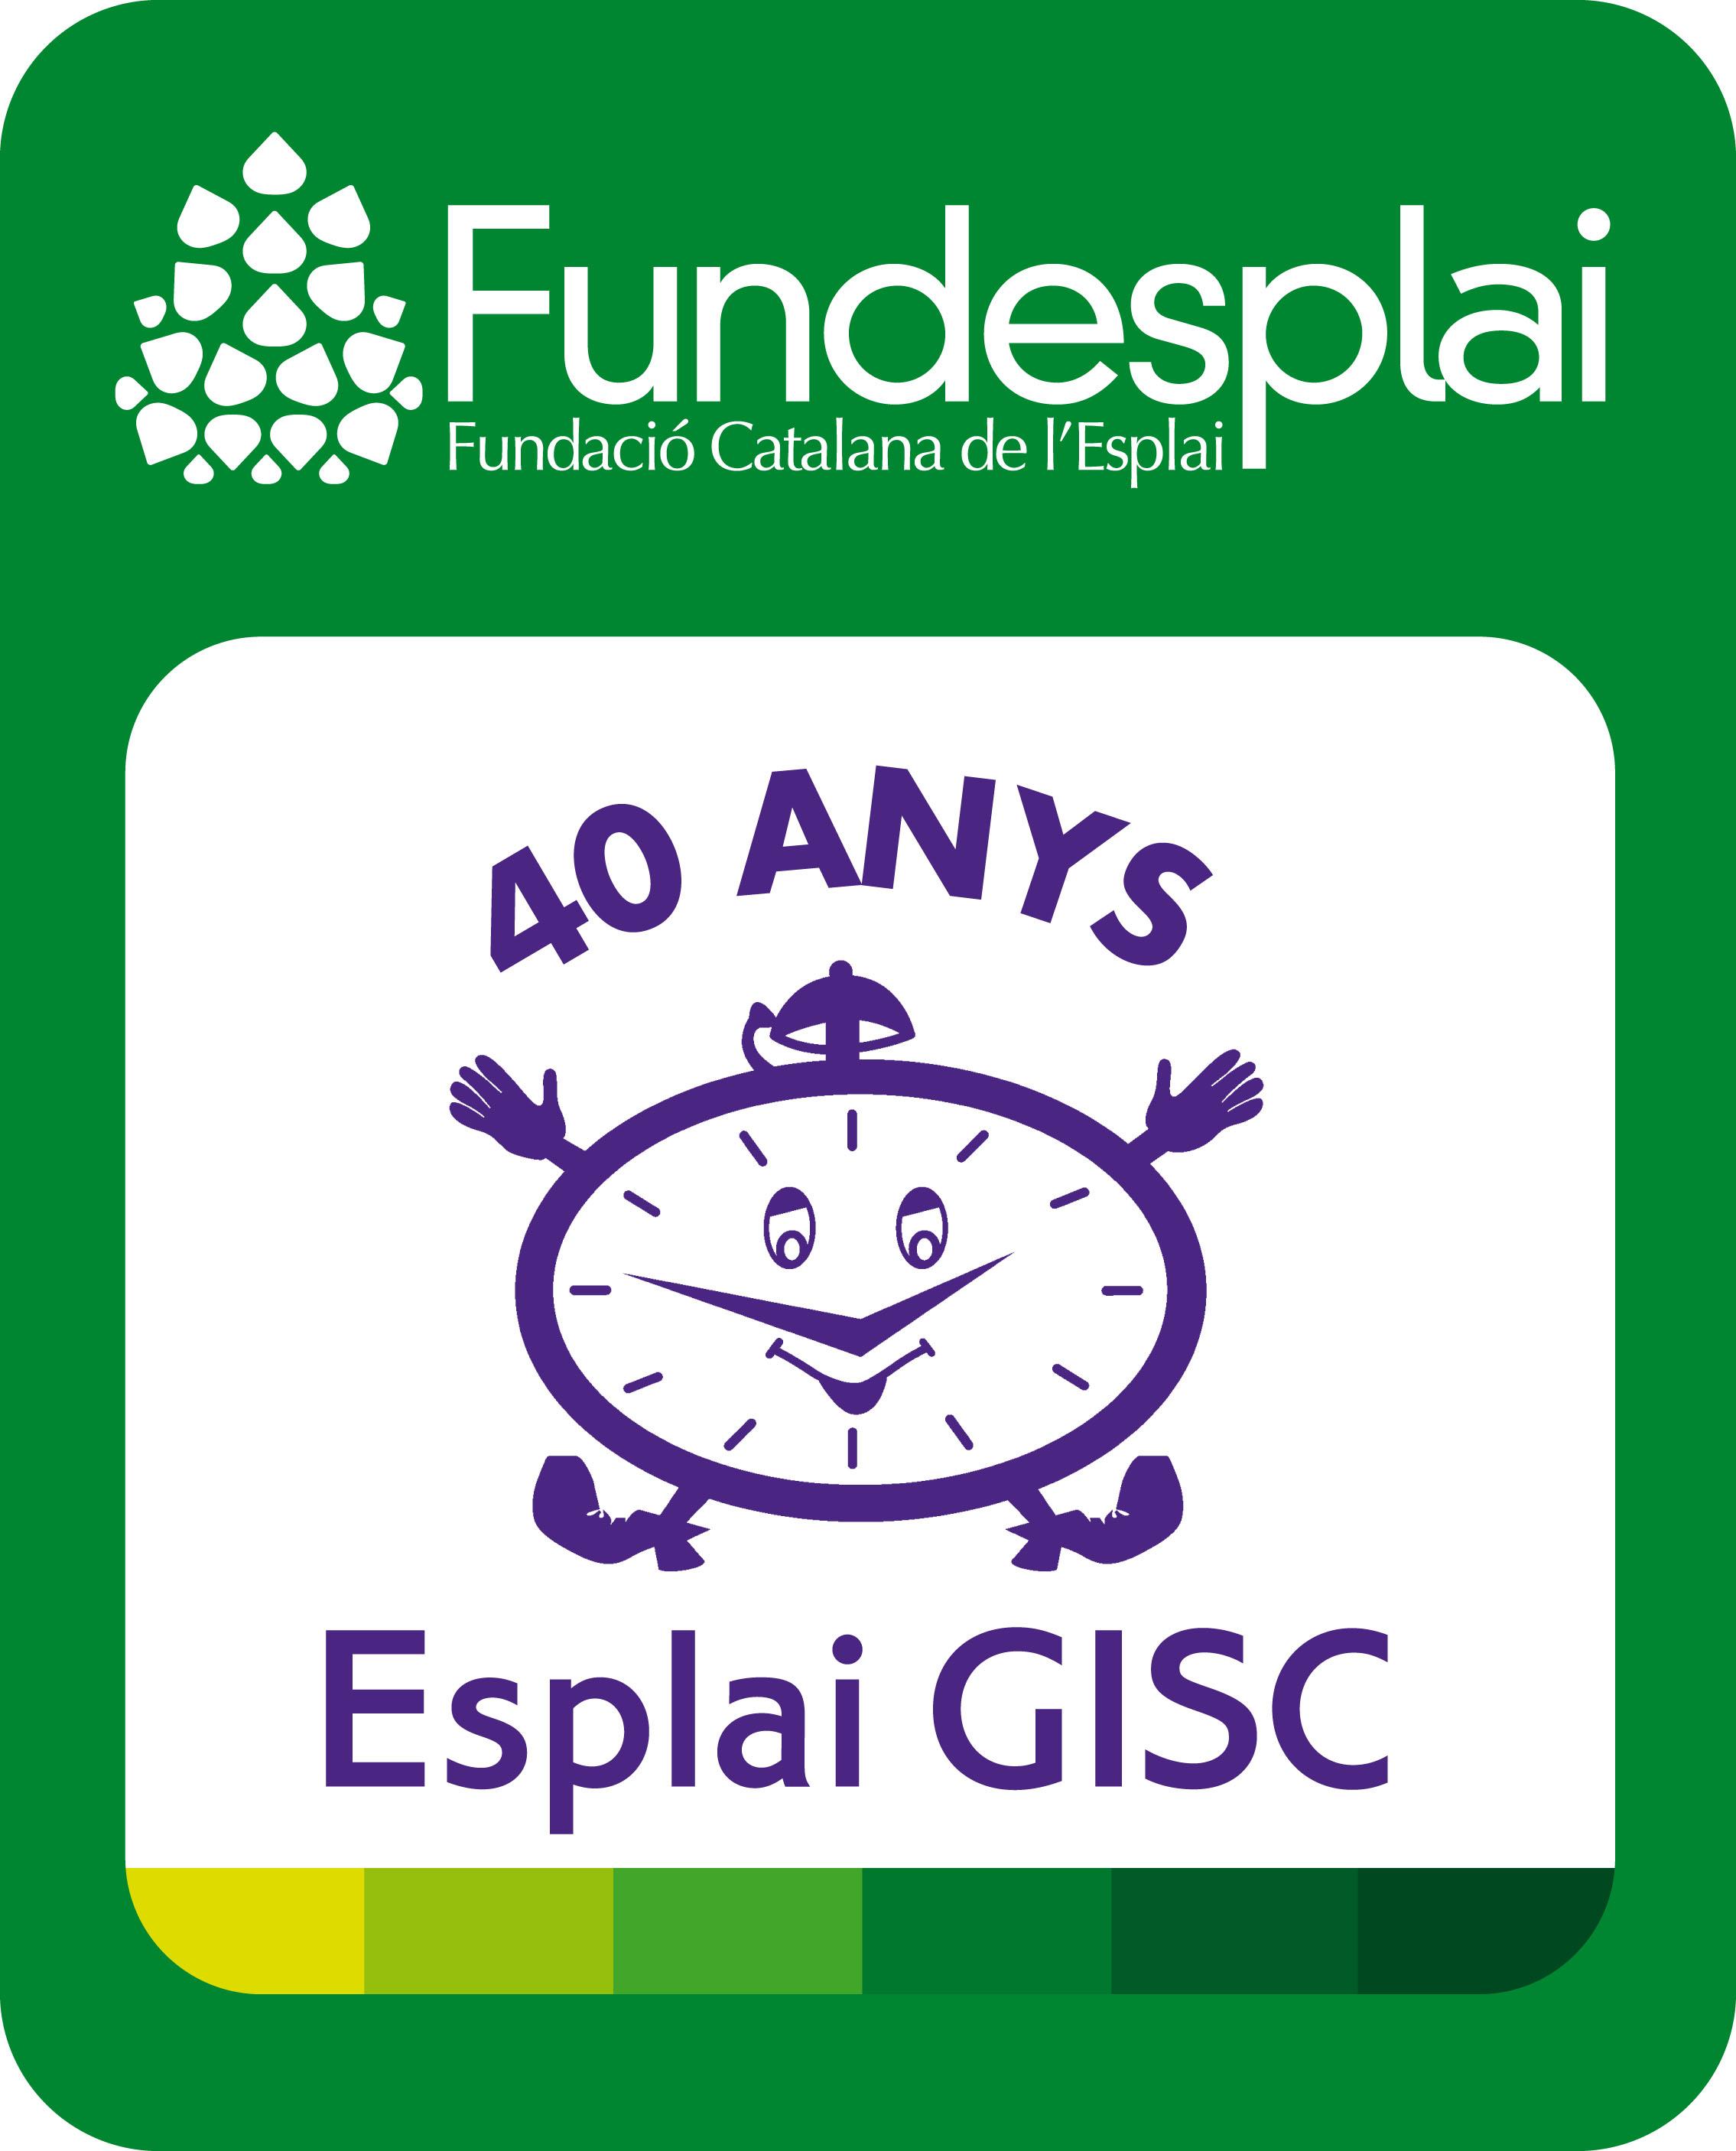 L'Esplai GISC organitza una gimcana el 20 de novembre!